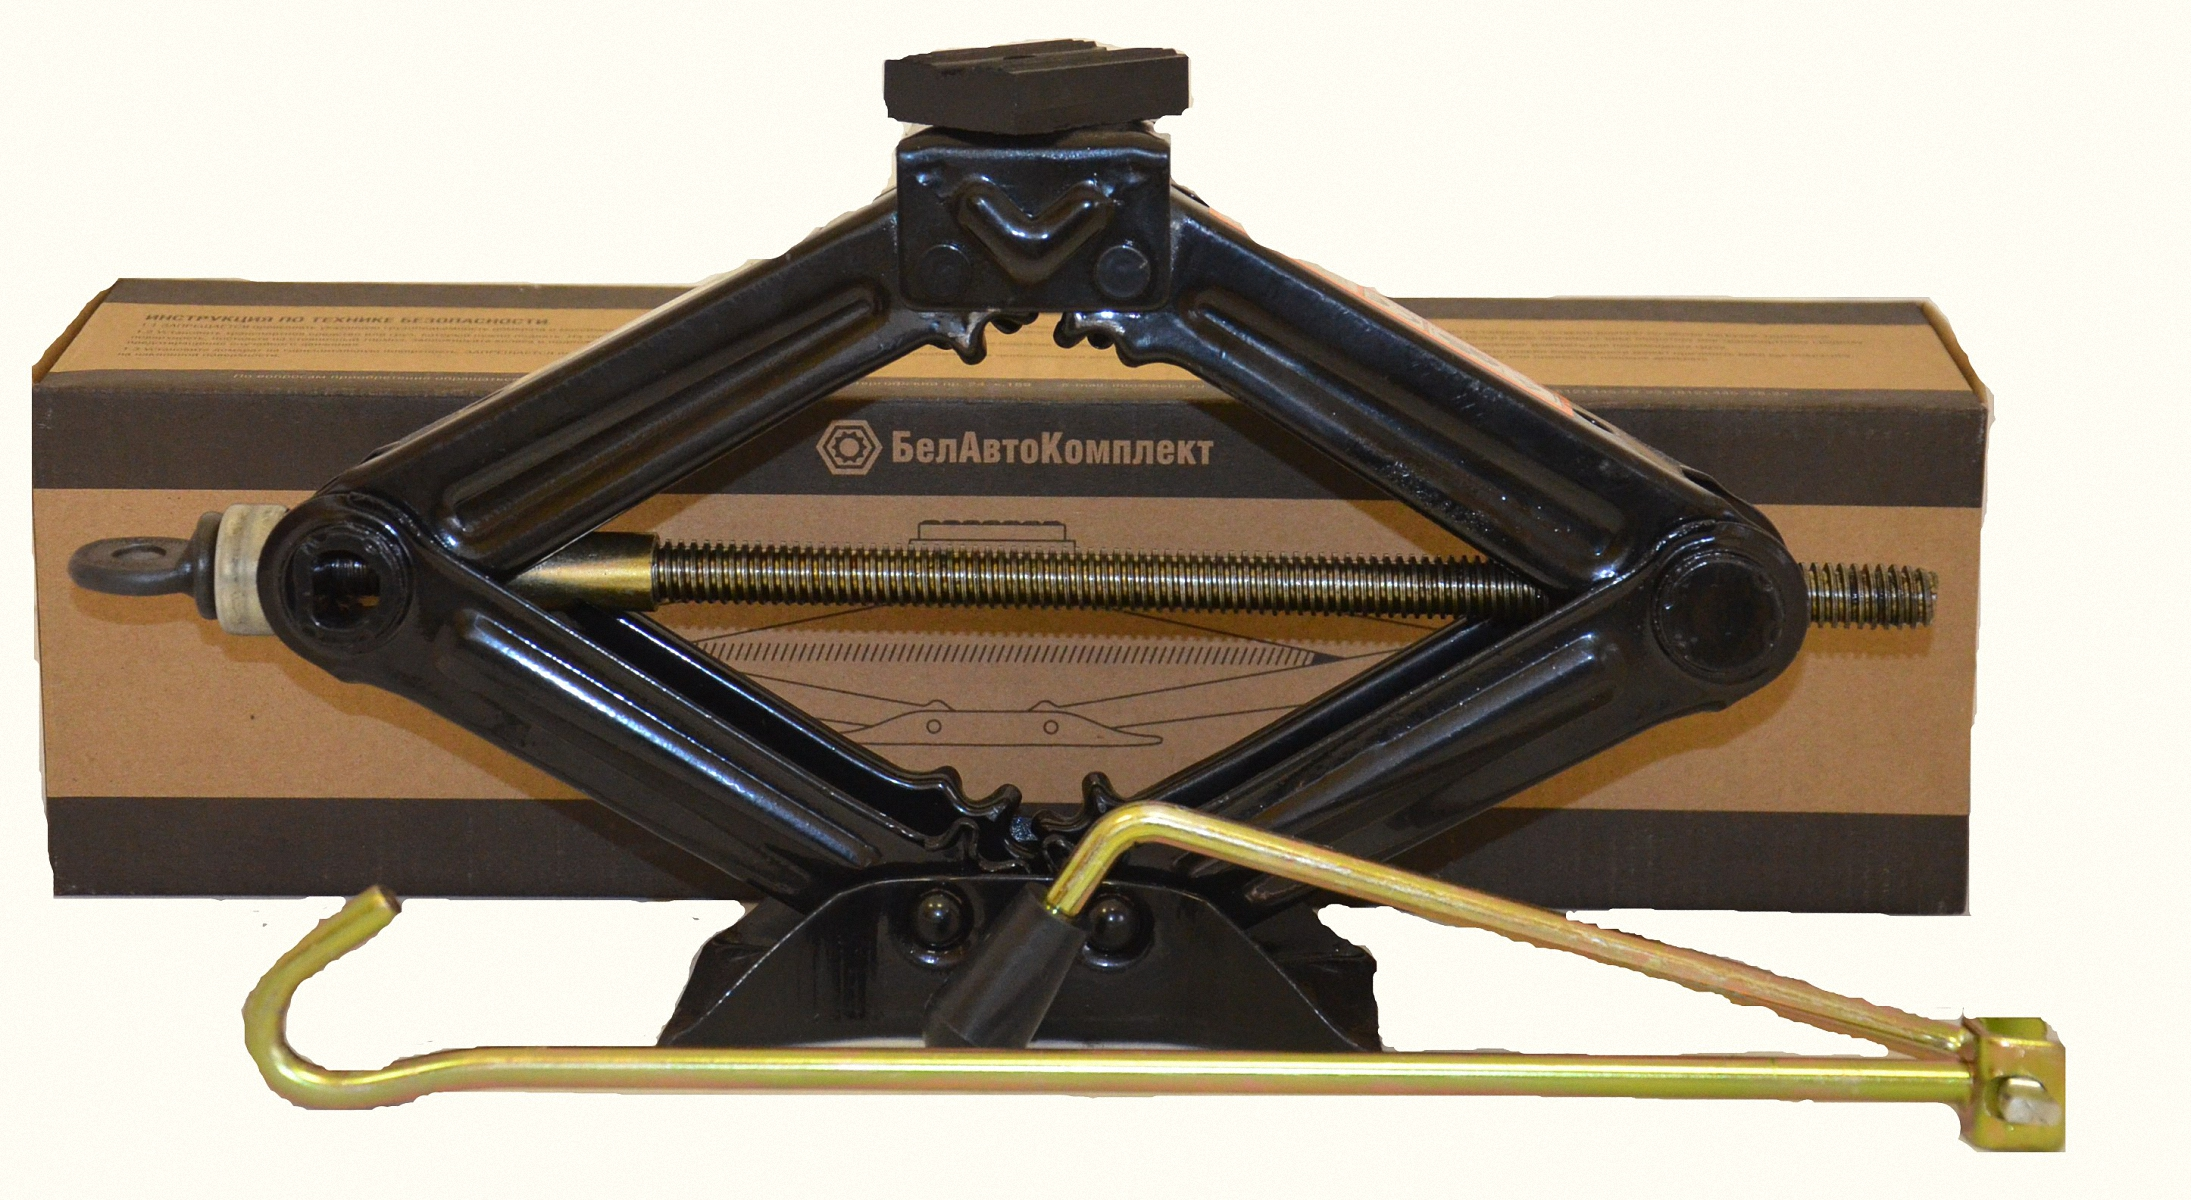 Домкрат бутылочный БелАвтоКомплект, ромбический, 1 тКТ 810003Домкрат ромбический грузоподъемностью 1 т БелАвтоКомплект используется при обслуживании легковых автомобилей. Конструкция этих устройств пользуется большой популярностью благодаря легкости, компактности, удобству эксплуатации.Высота подхвата - 100 ммВысота подъёма - 325 ммгабаритная длина - 360 ммгабаритная ширина - 80 ммдлина рукоятки - 500 мм Опорная платформа - резина Масса складской упаковки - 16 кг масса изделия - 1,6 кг